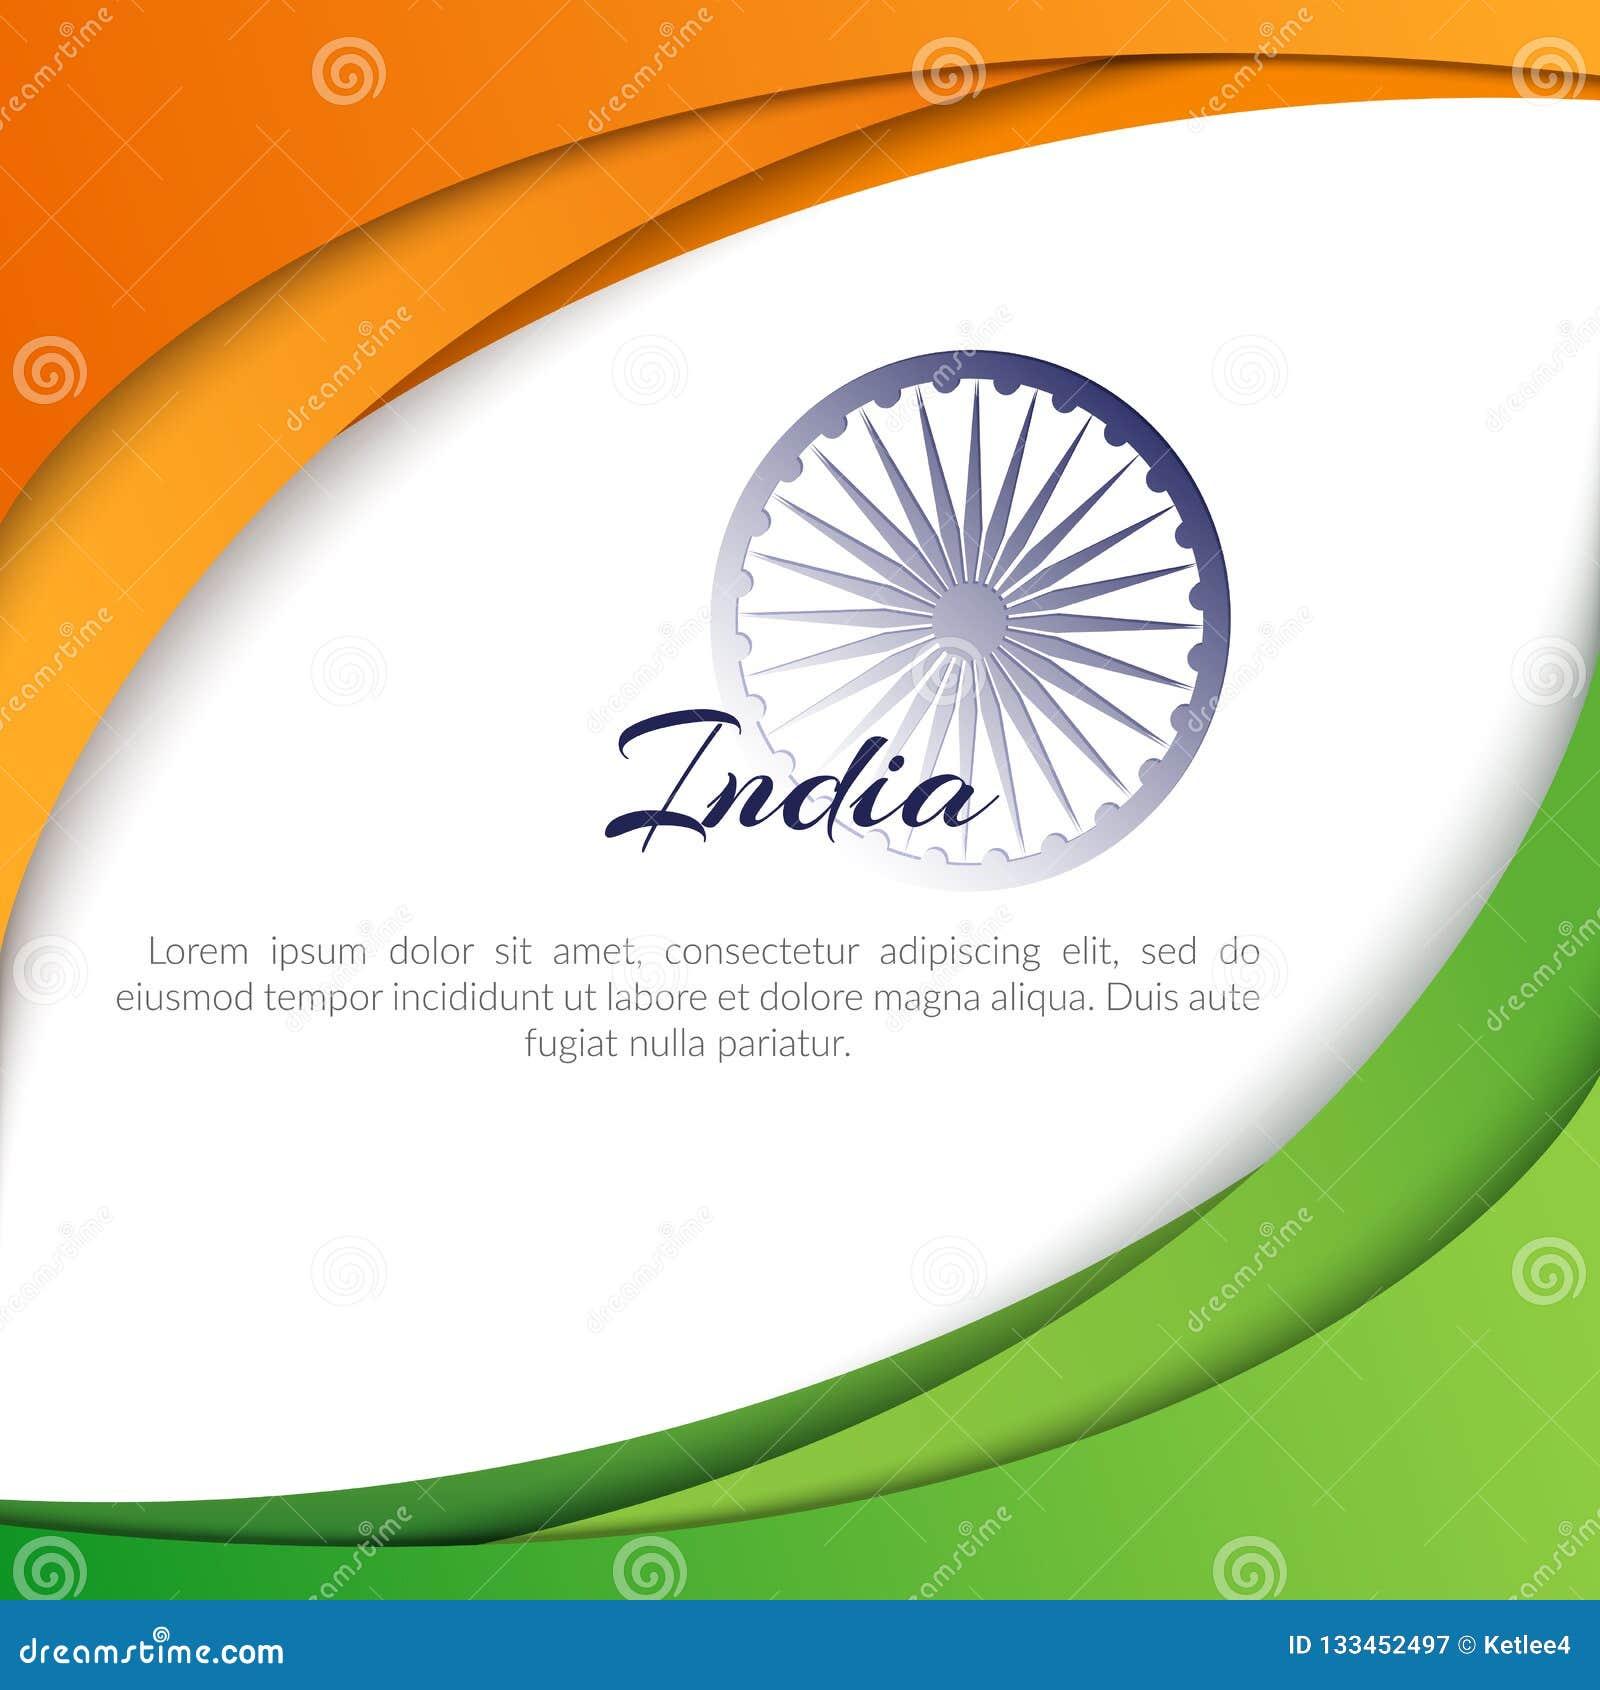 与国旗印度和现代国家印度的摘要的名字的颜色抽象弯曲的线的海报